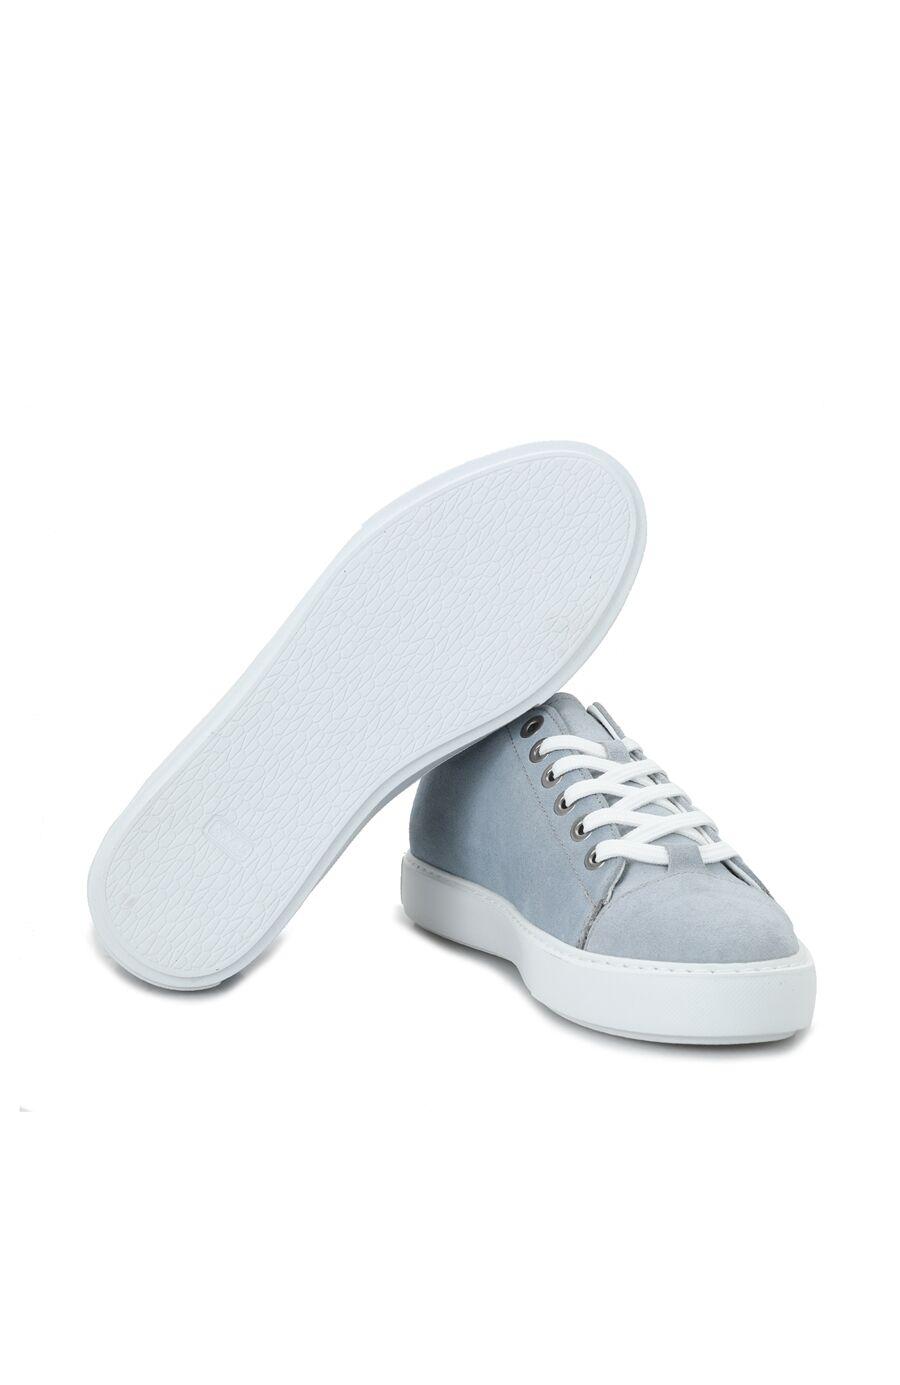 Mavi Eva Tabanlı Kadın Süet Ayakkabı